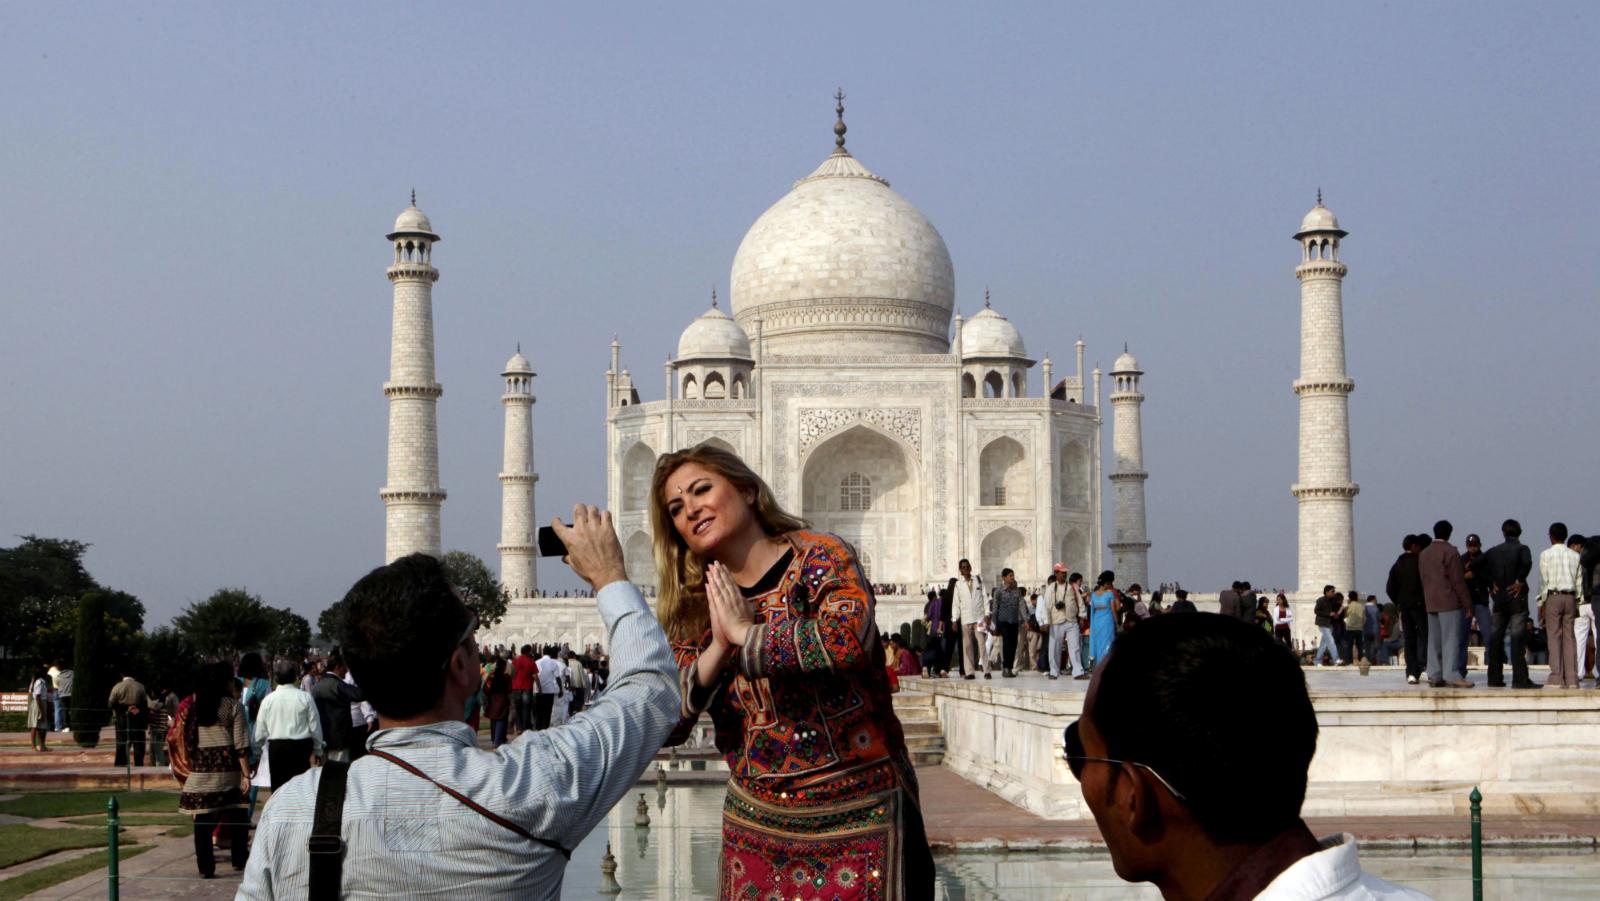 India-tourism-racism